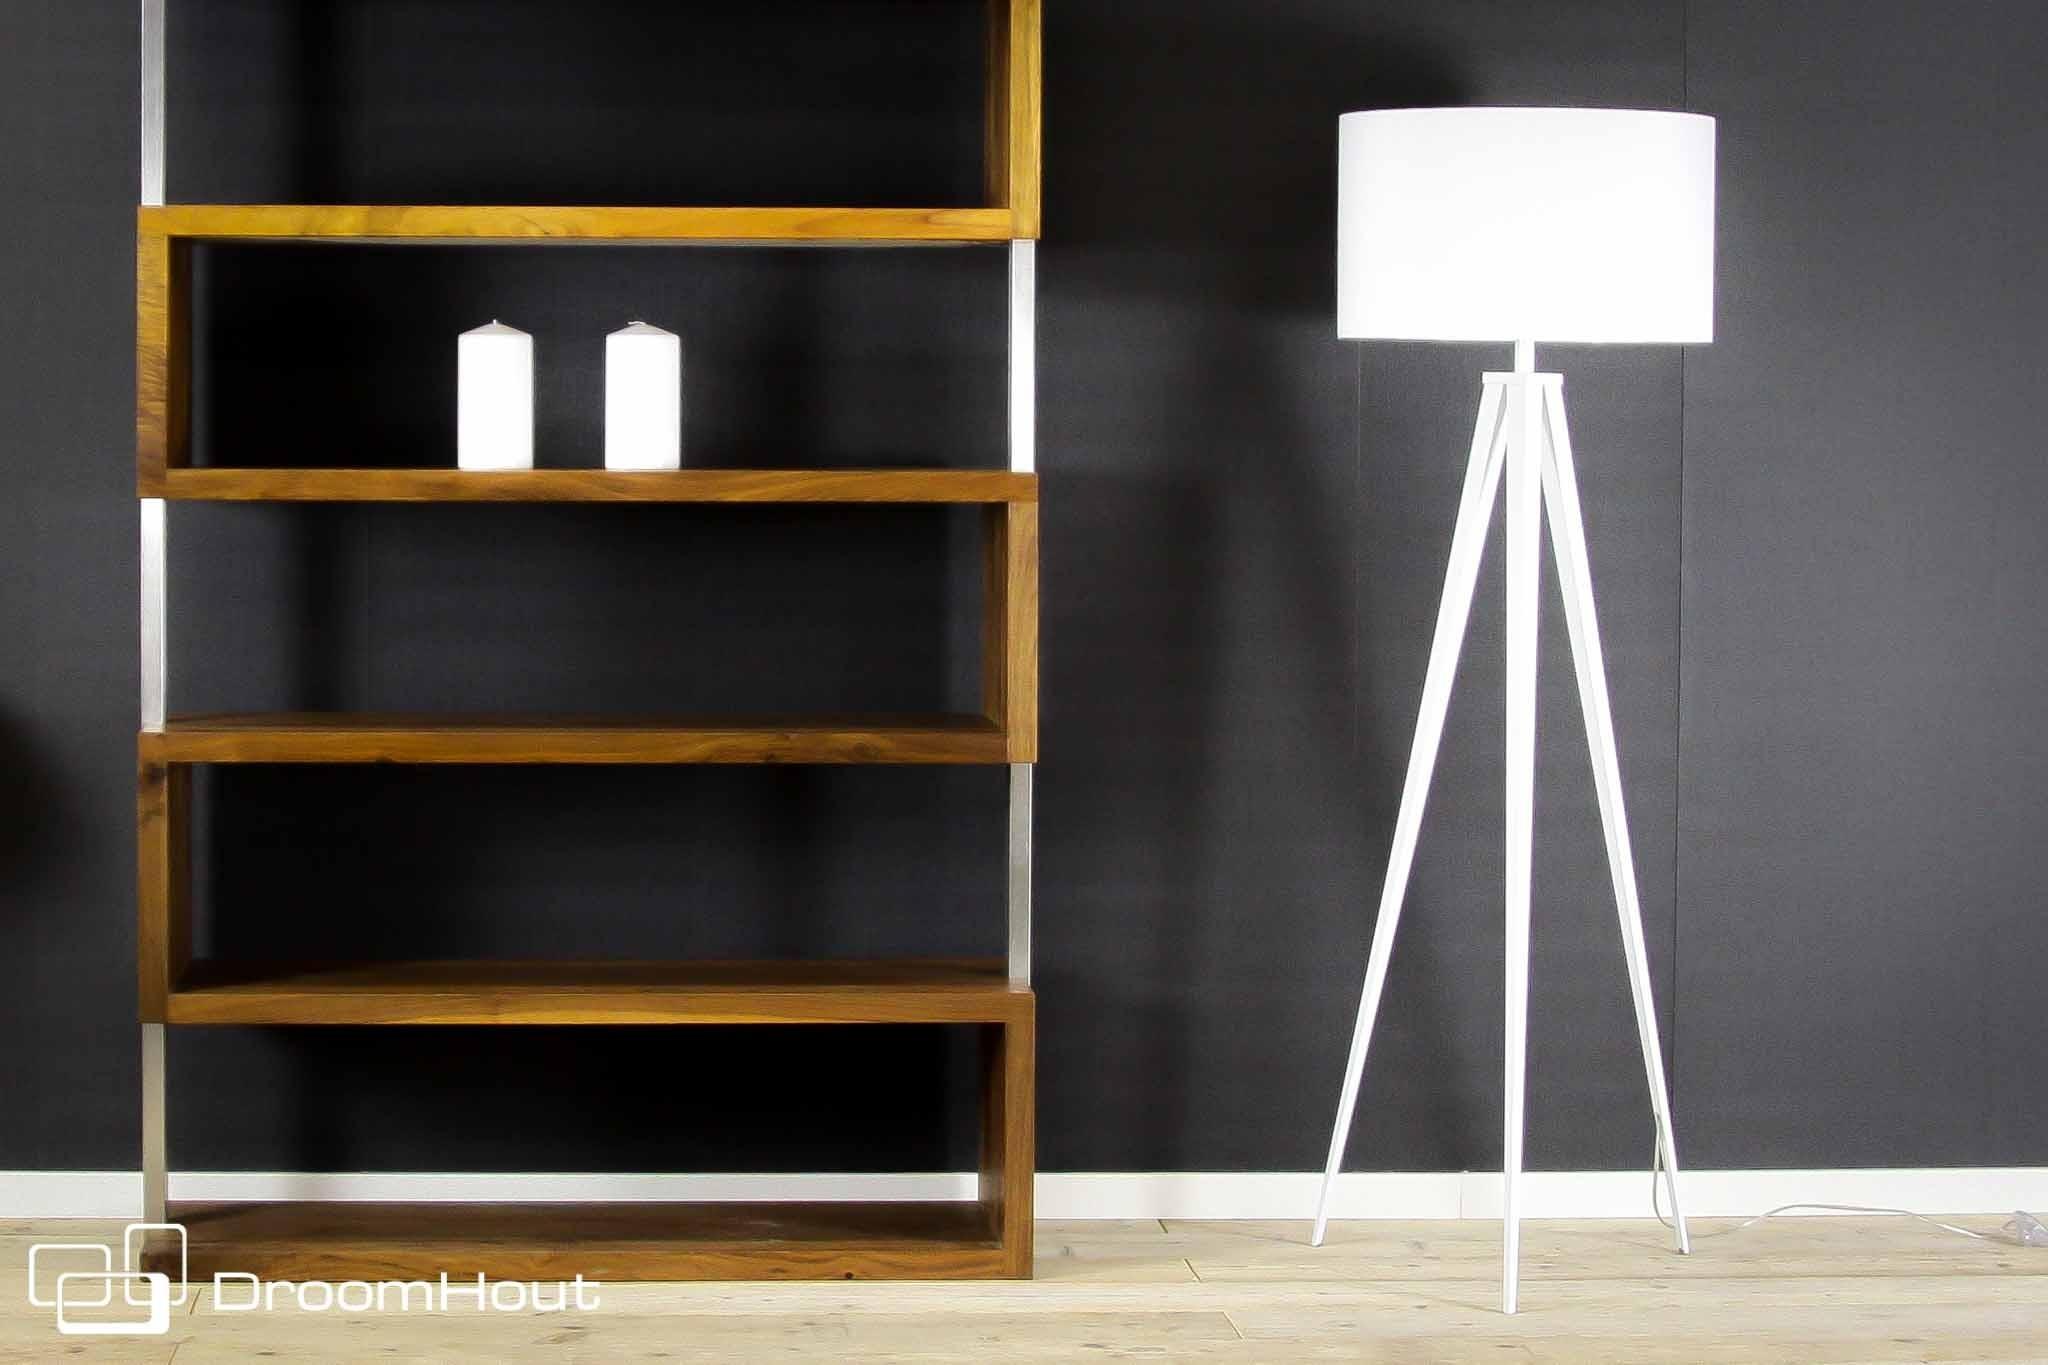 Vloerlamp met witte kap staande lampen mv kantoor